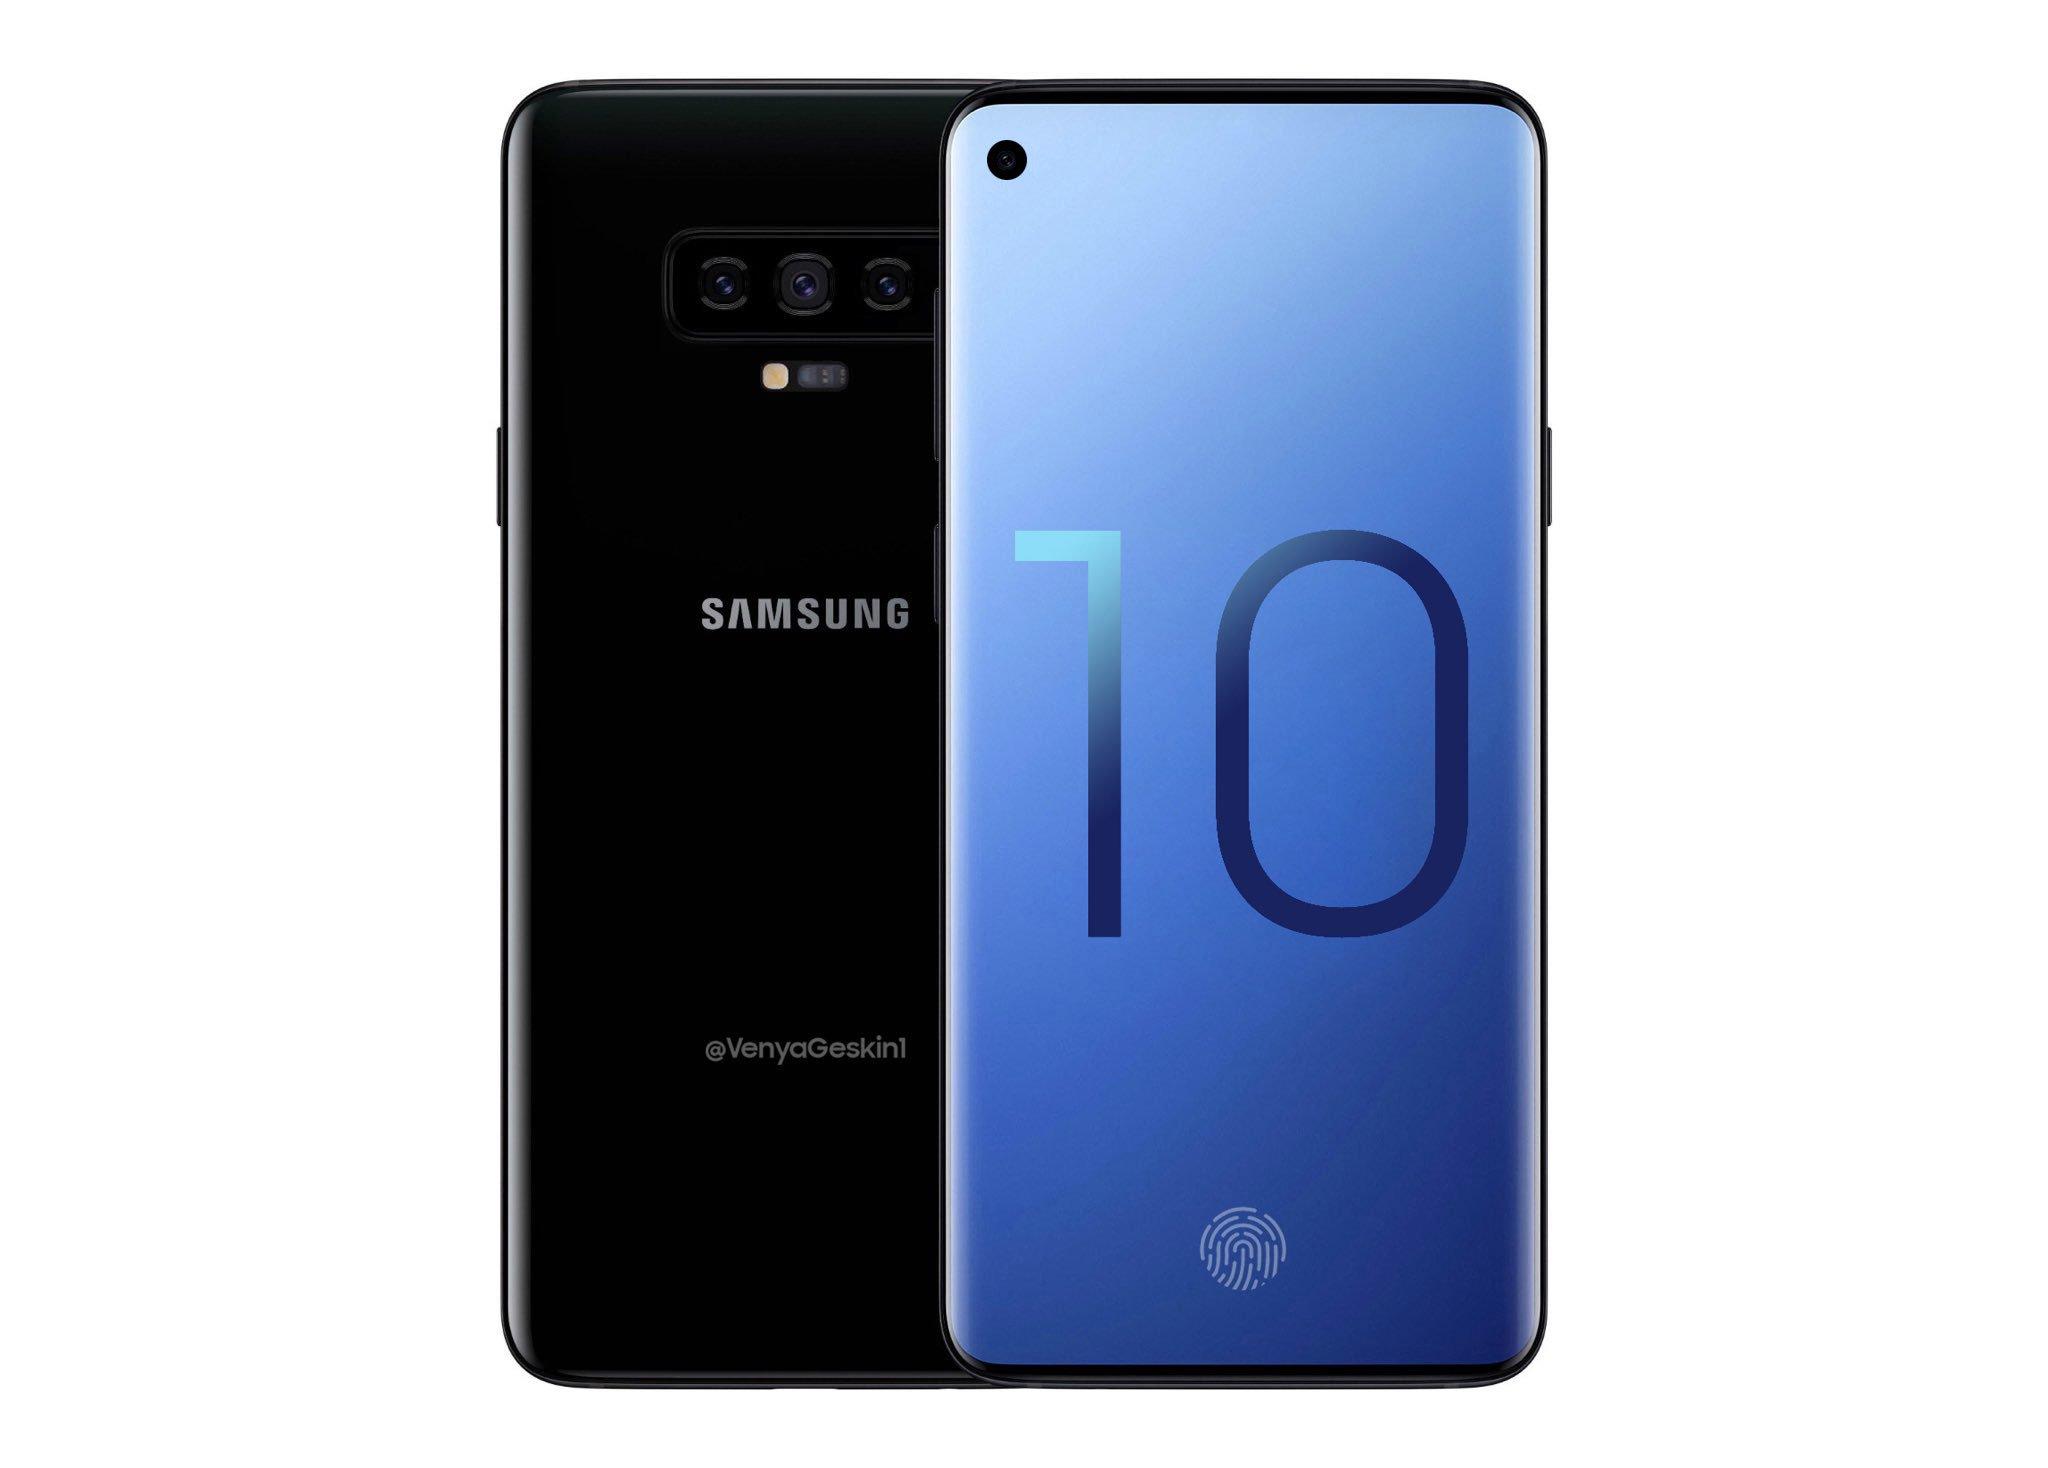 Samsung : un smartphone avec un écran OLED faisant office de haut-parleur ?